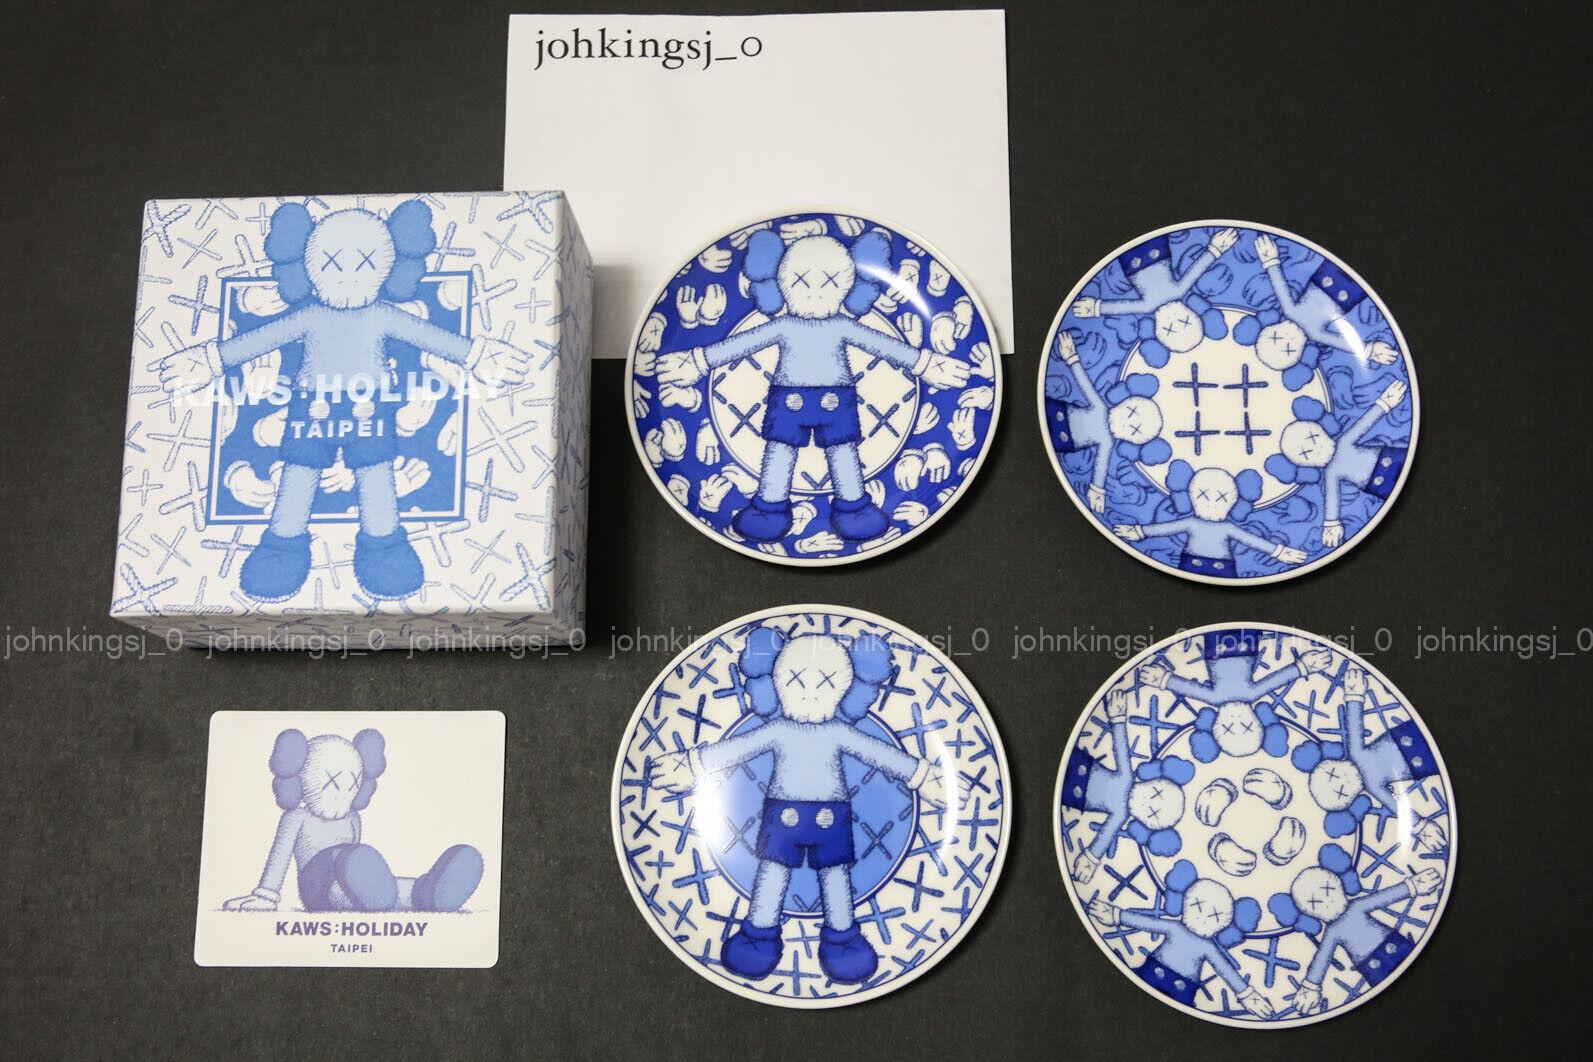 Kaws Holiday Taipei Ceramic Plate Full Set of 4 OriginalFake NYC